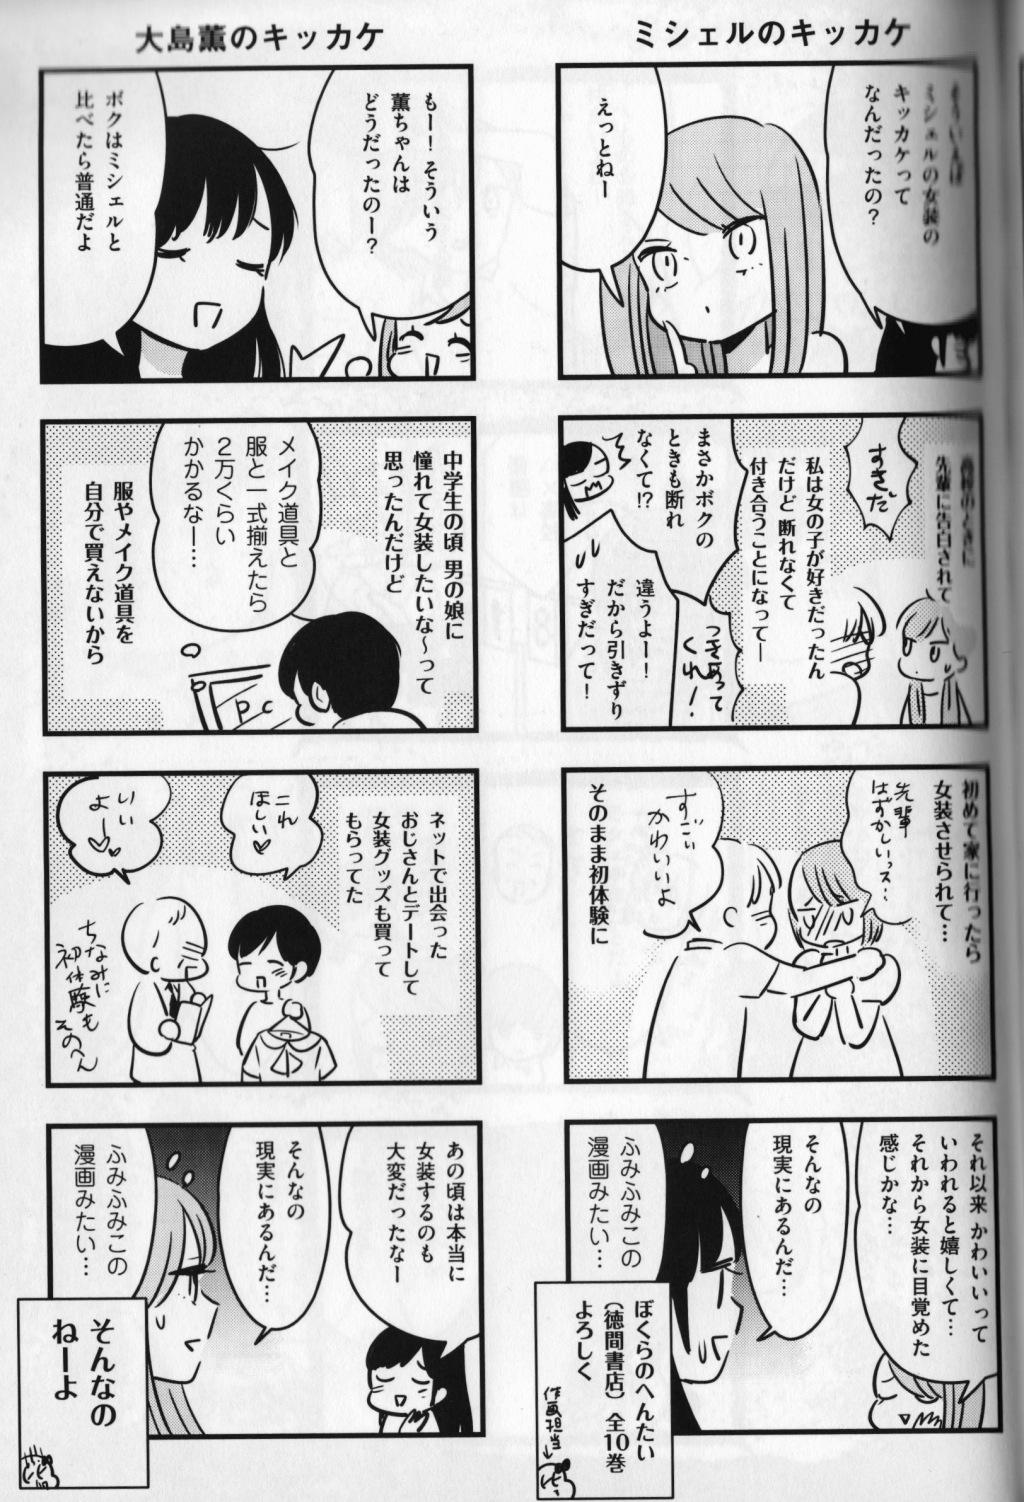 Manga_Fumi.jpg